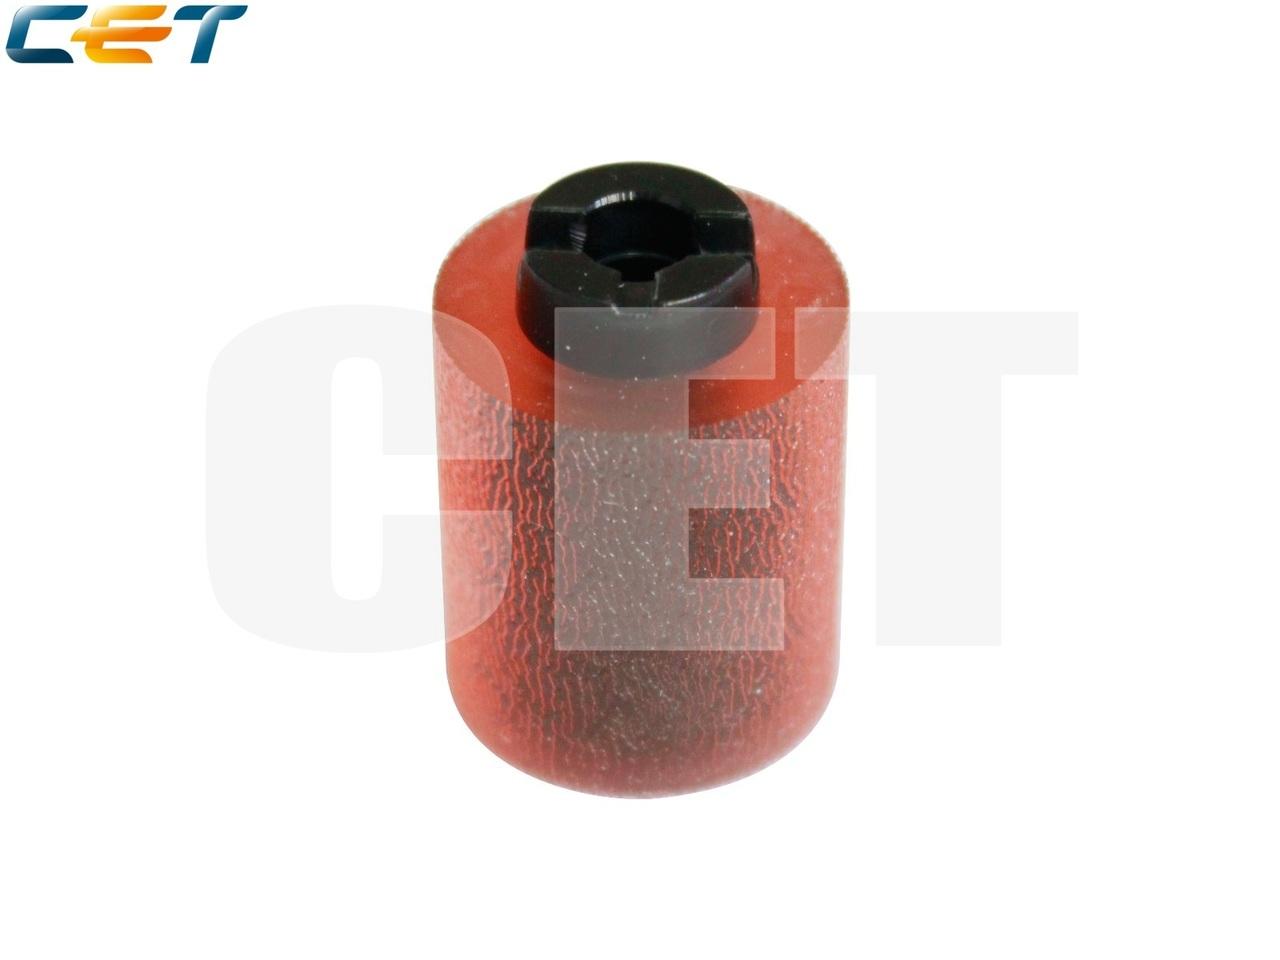 Ролик подачи/отделения (Red) A00J-5636-00 для KONICAMINOLTA Bizhub 223/283/363/423 (CET), CET6635, CET6635R